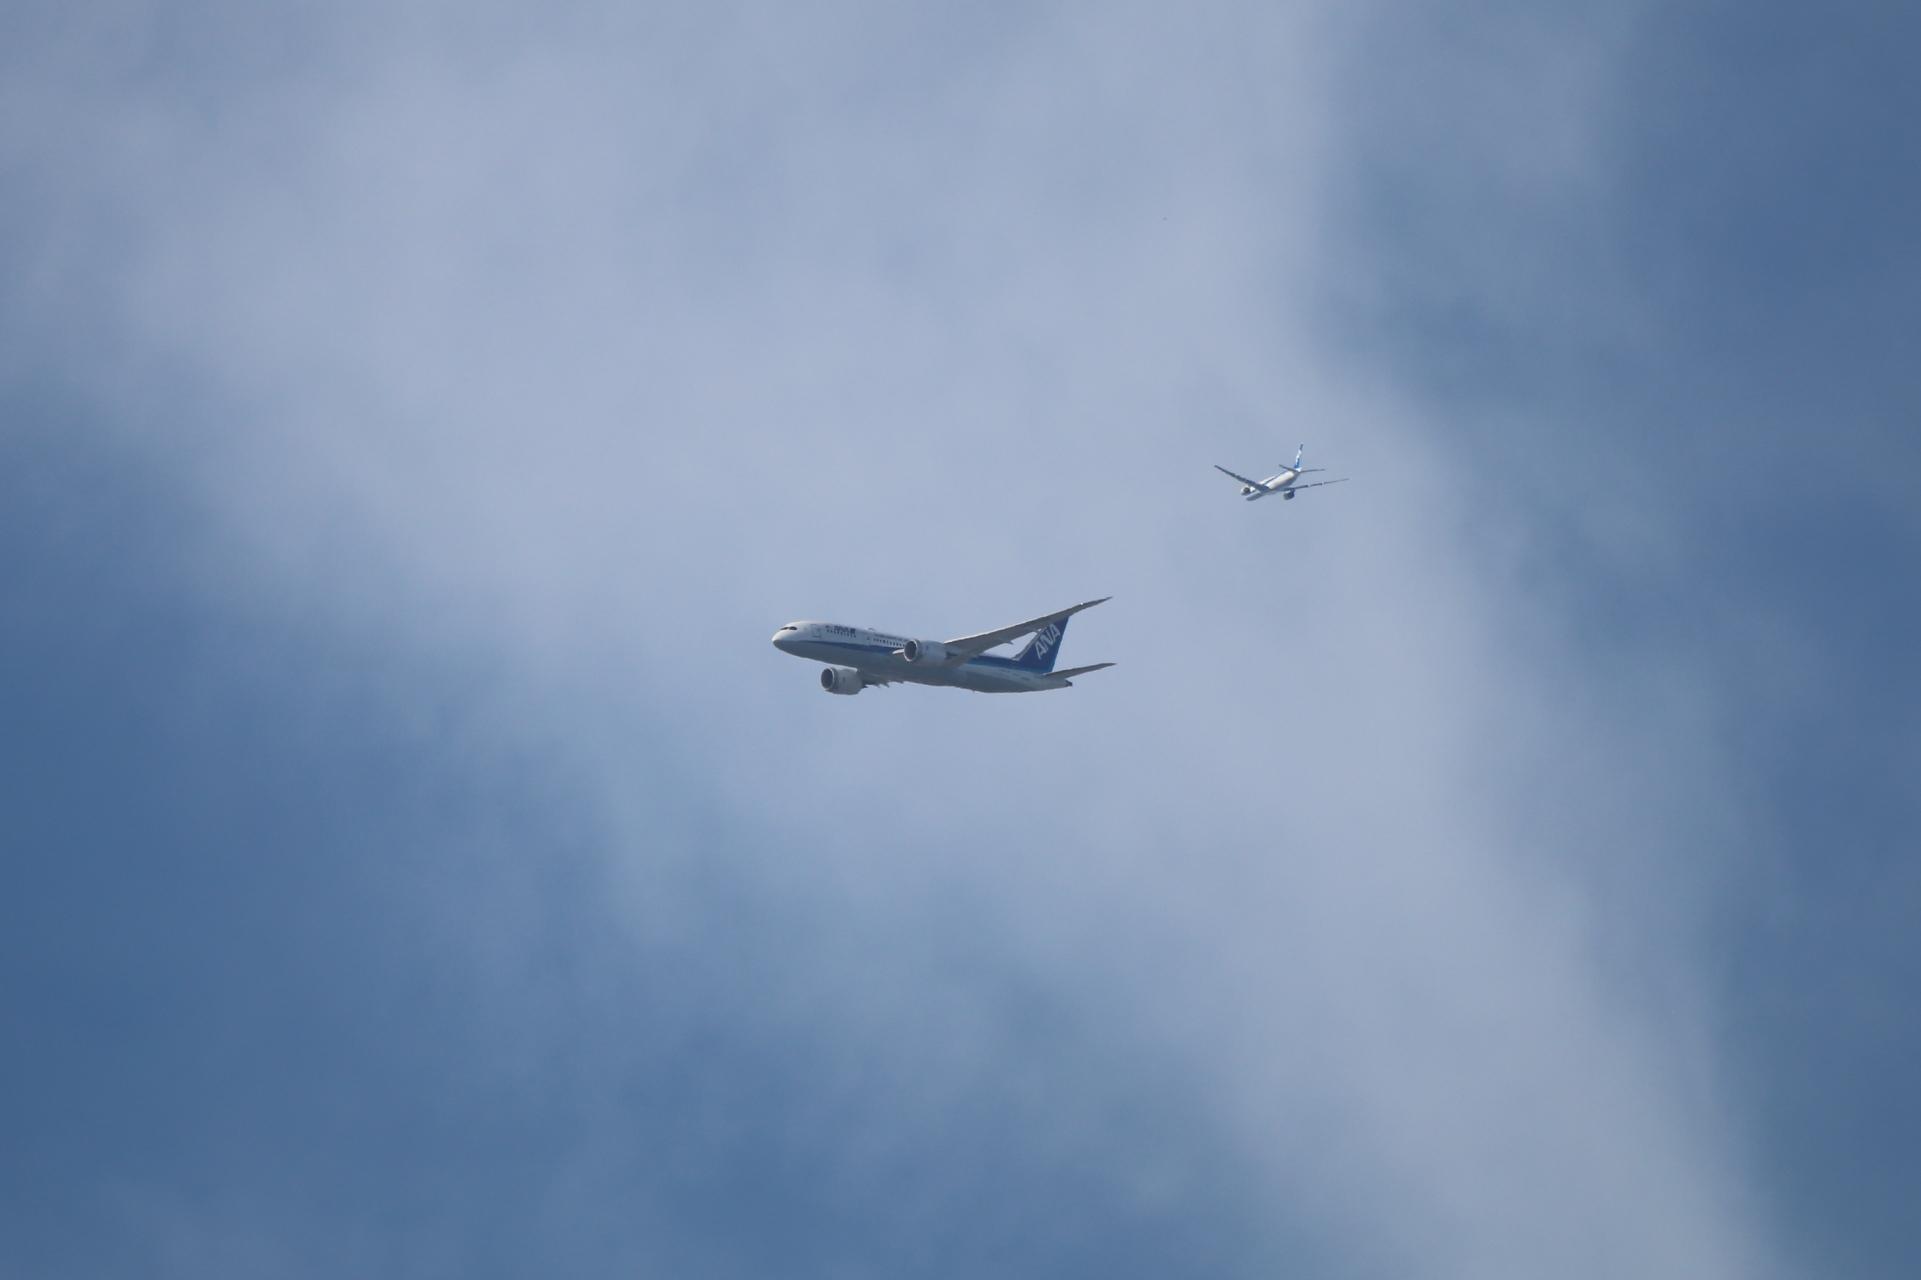 飛行機2機